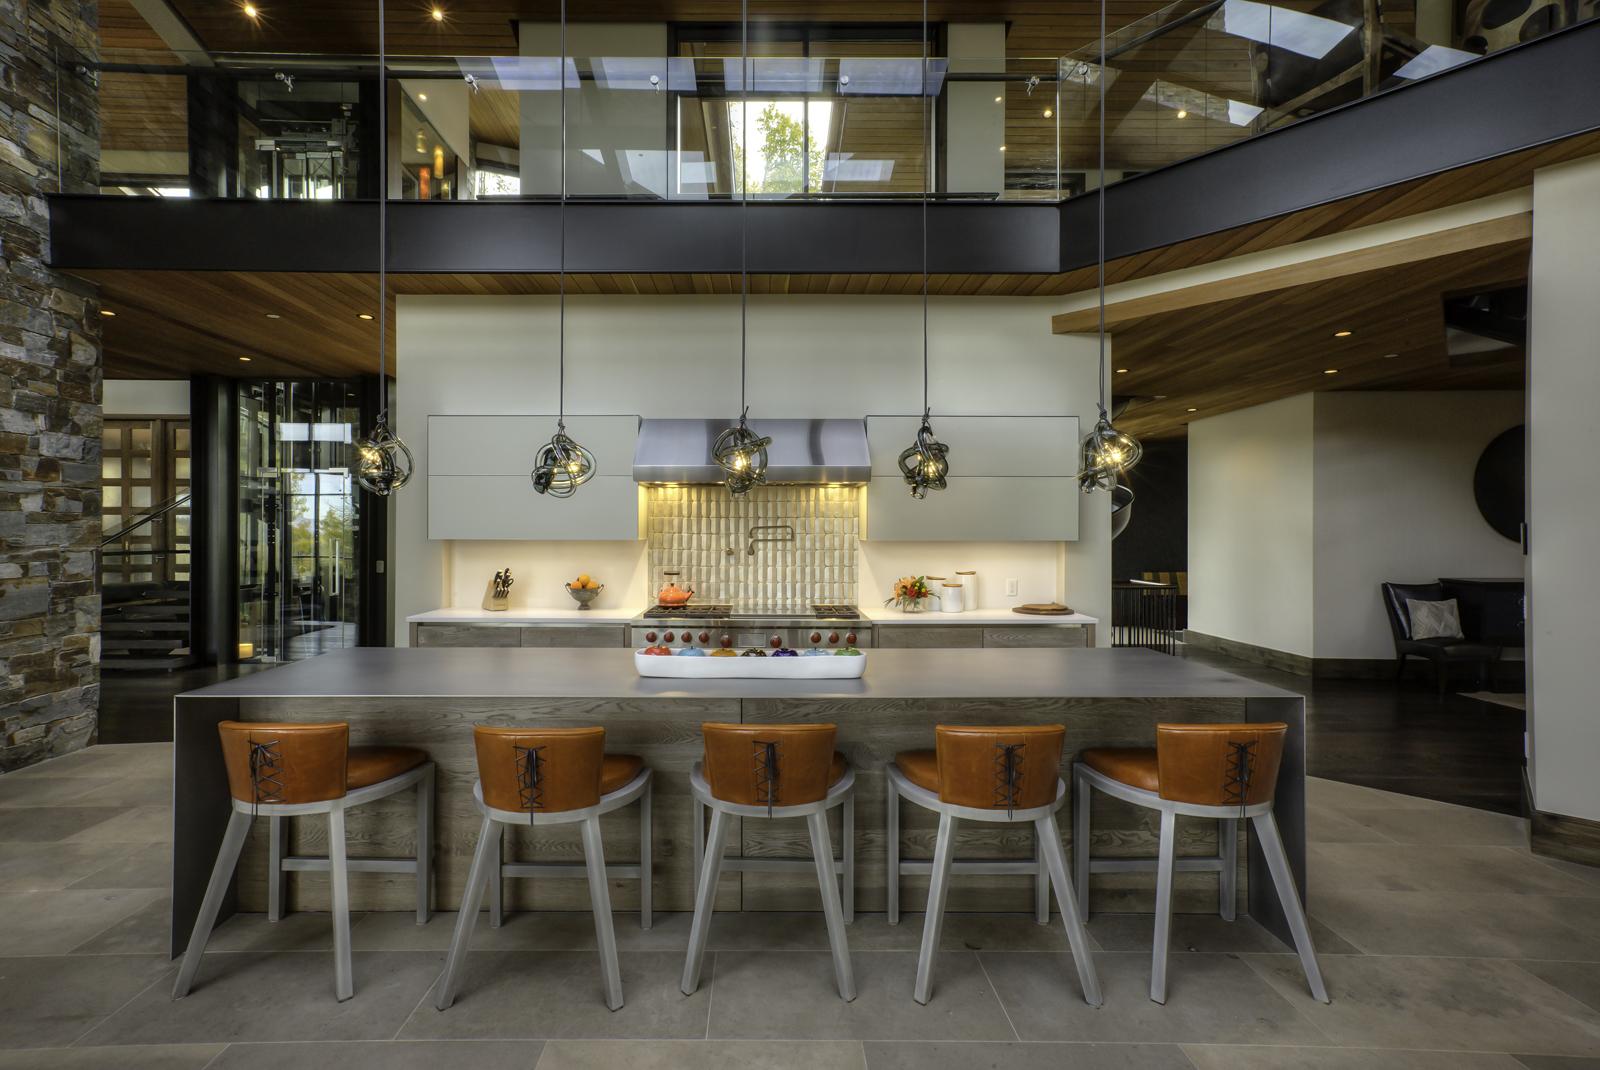 Herman-3701-31-_E0E9341_Kitchen-Seating-to-stove